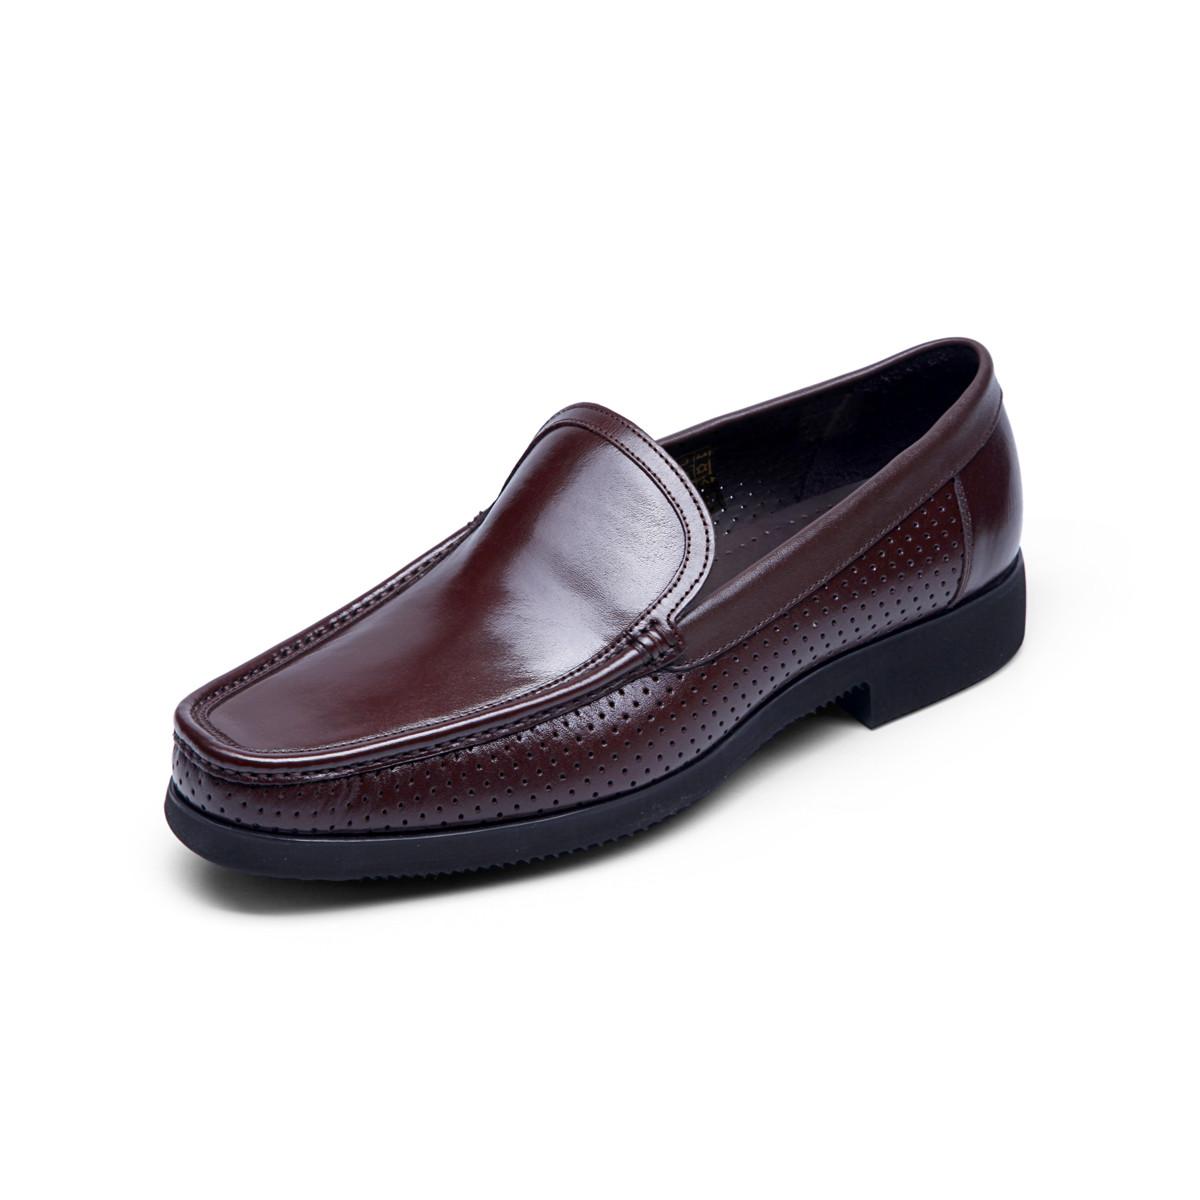 巴路士巴路士纯手工马克线一脚蹬套脚商务鞋男士正装皮鞋经典英伦男鞋BC41Y1011K02